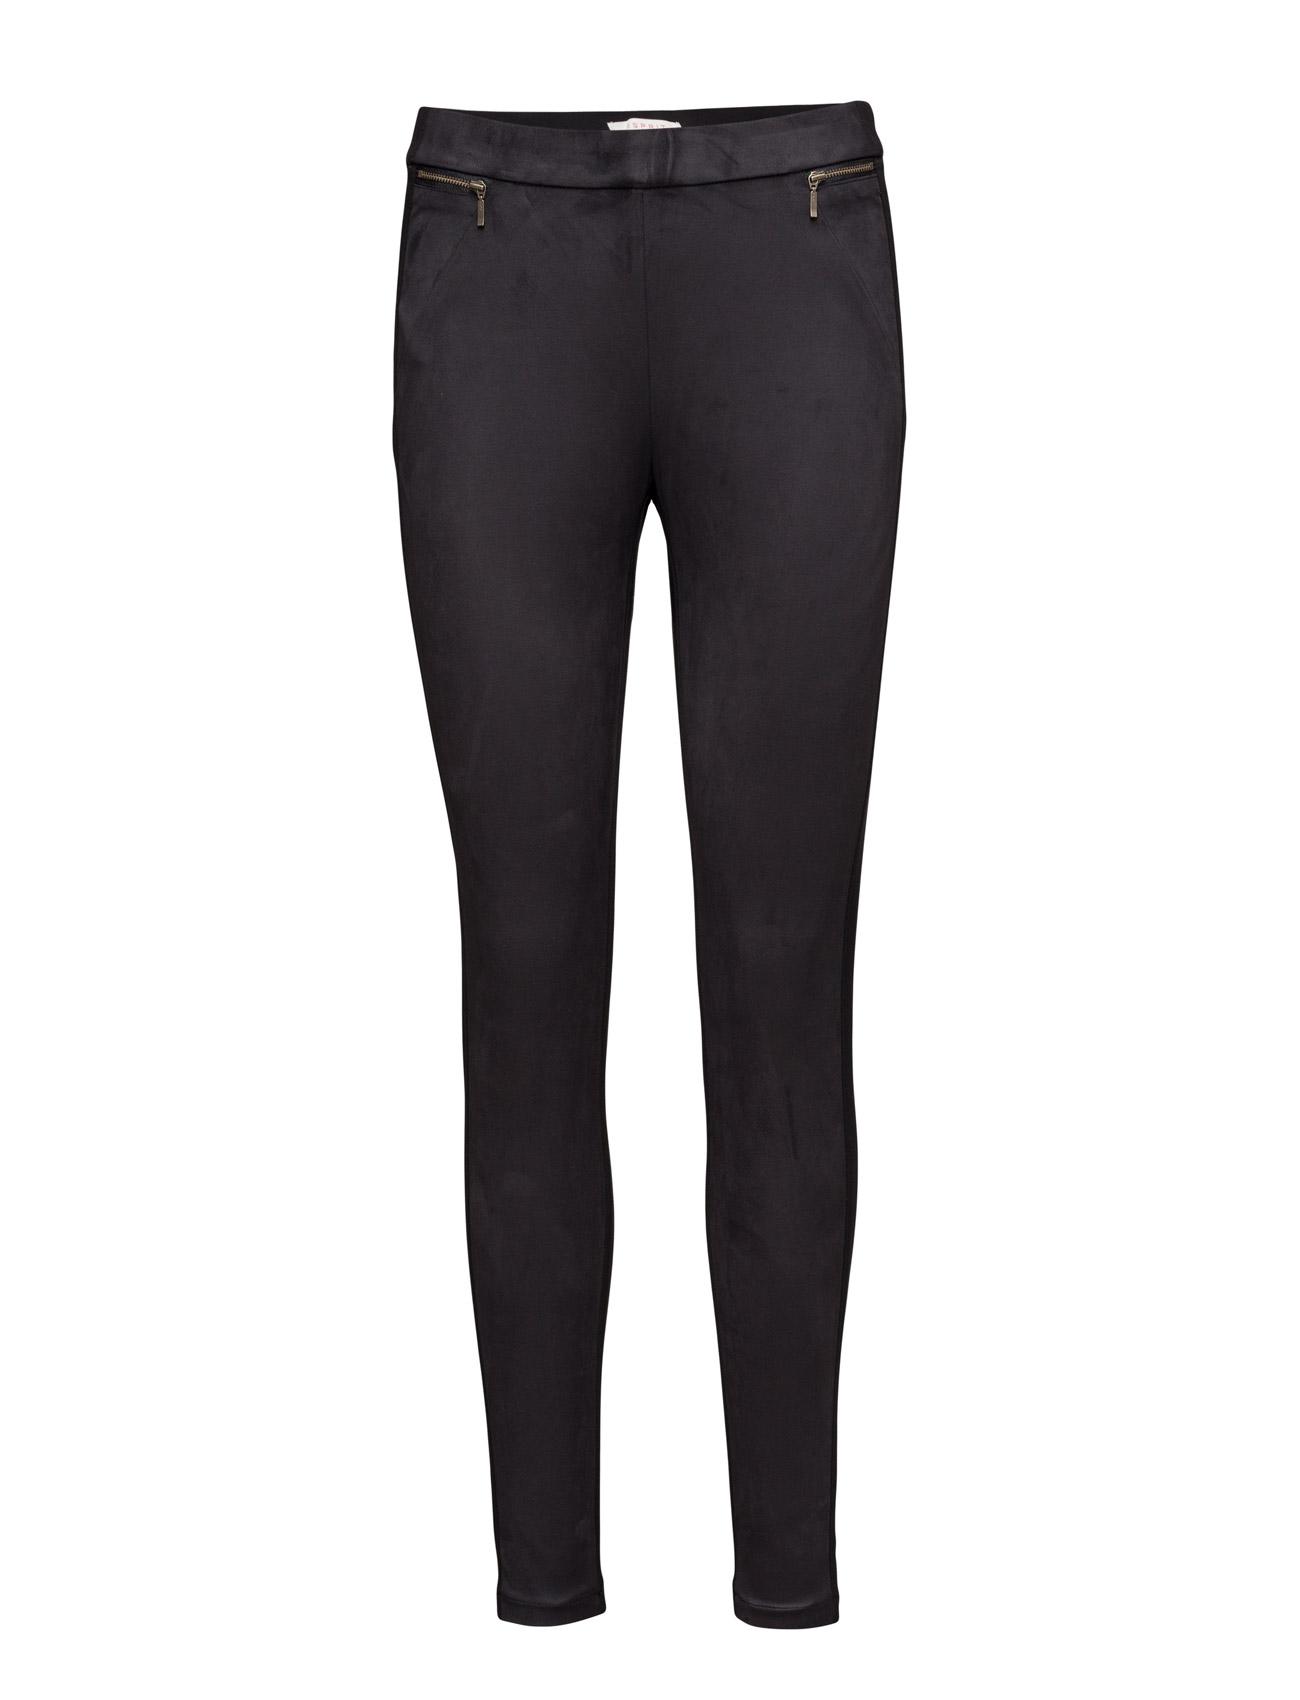 Pants Knitted Esprit Casual Skinny til Damer i